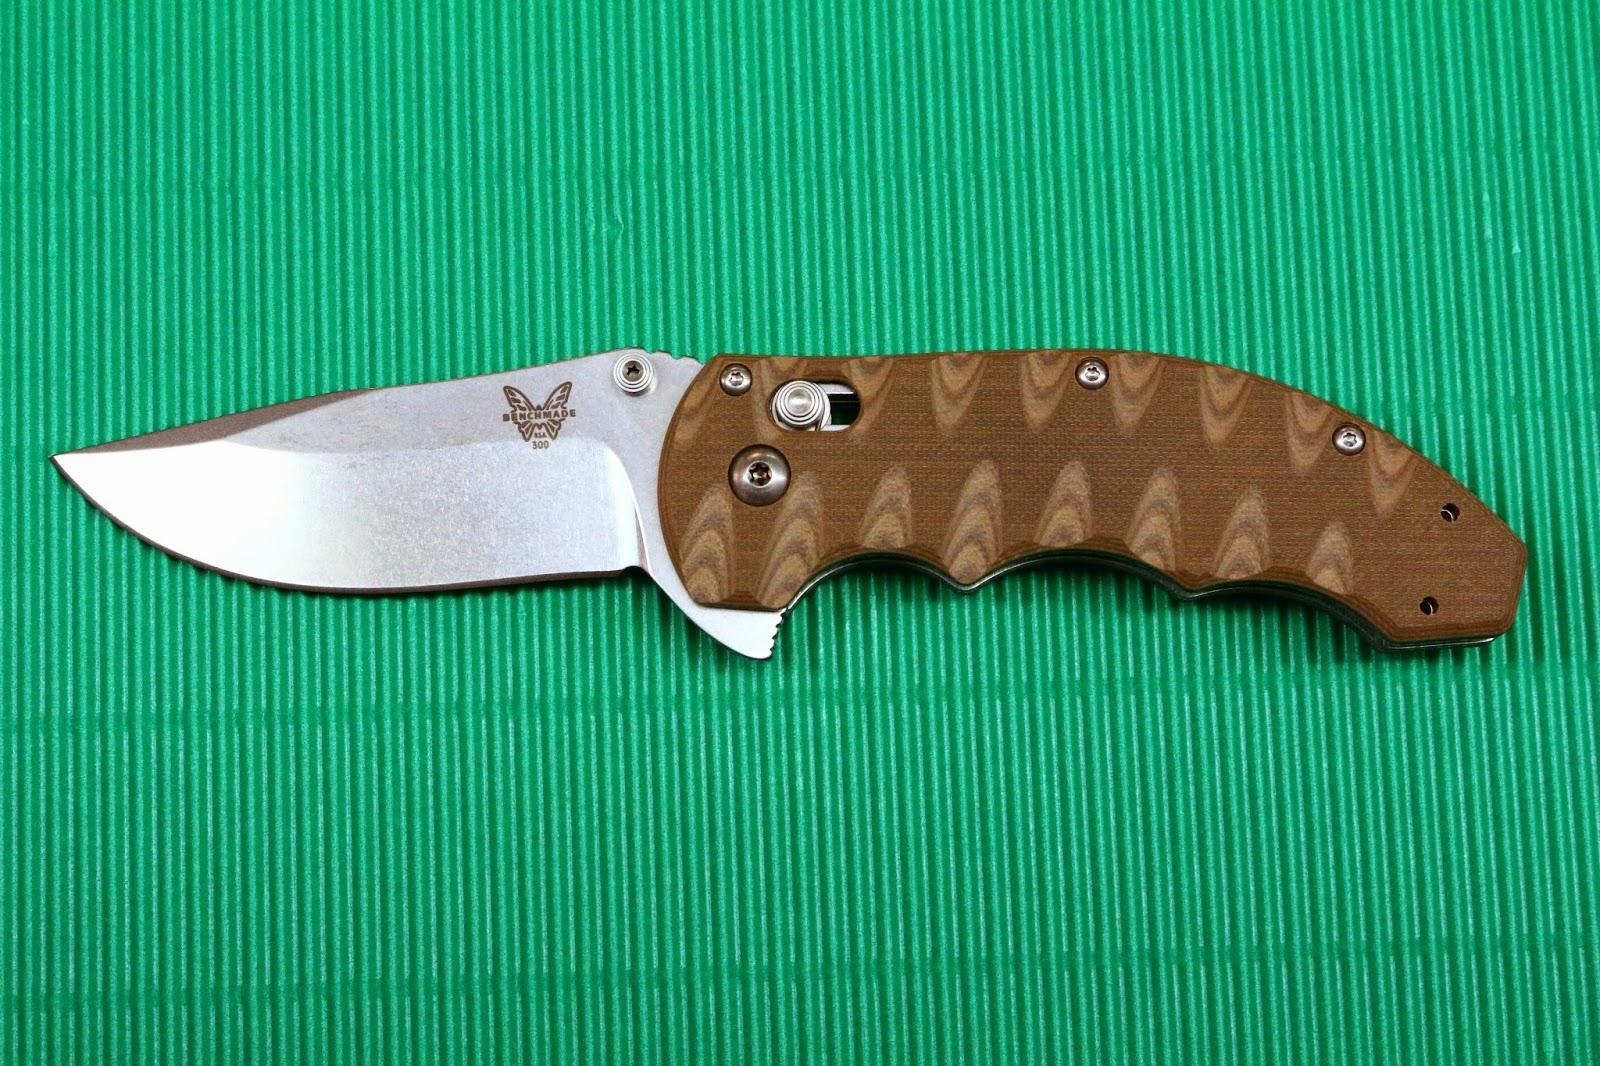 Foro armas blancas cuchillos navajas y m s benchmade 300sn navajas - Navajas buenas ...